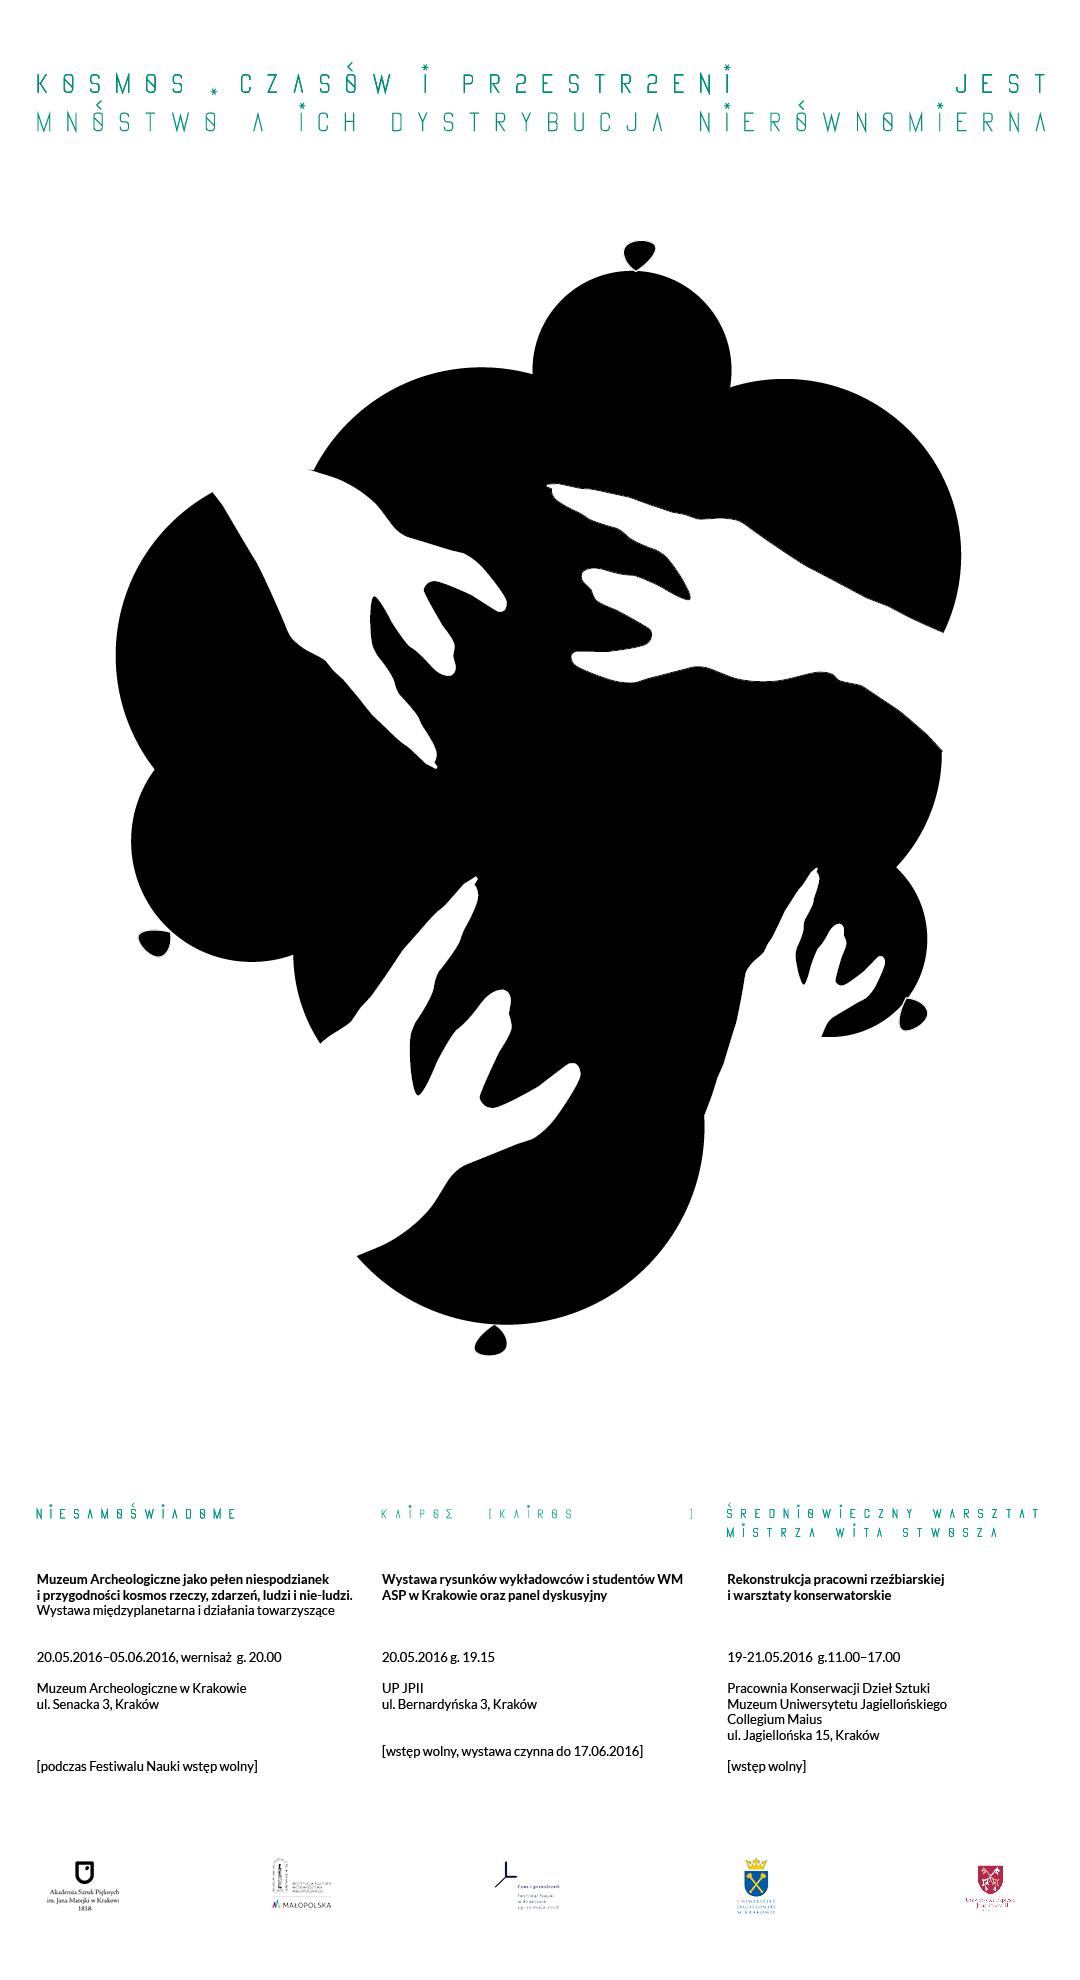 """""""Kosmos. Czasów i przestrzeni... Jest mnóstwo a ich dystrybucja jest nierówna"""", ASP im. Jana Matejki w Krakowie na Festiwalu Nauki 2016 – plakat (źródło: materiały prasowe organizatora)"""